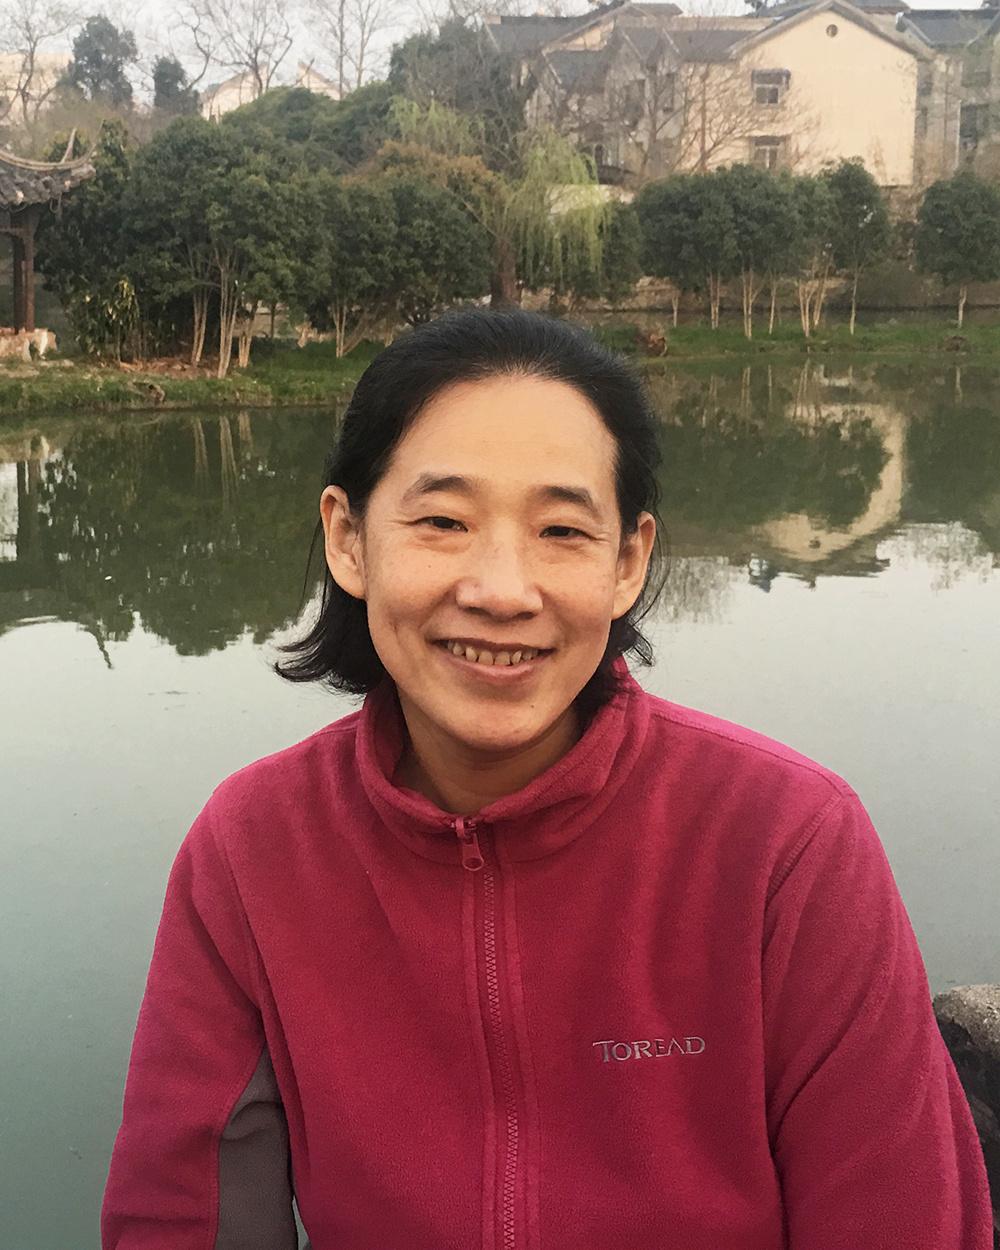 1996年获吉林大学理学学士,1999年获吉林大学理学硕士, 2003年获北京大学理学博士;2003-2009年在日本东北大学从事科研工作。2009年加入北京大学化学学院并任高级工程师。研究方向:1.    无机固体结构化学2.    原位电镜技术研究化学反应过程代表性论文:1.    Ma, Ning; Fu, Qiang; Hong, Yuexian; Hao, Xuyang; Wang, Xiaoge; Ju, Jing*; Sun, Junliang*, Processing Natural Wood into an Efficient and Durable Solar Steam Generation Device, ACS Applied Materials & Interfaces, 12(15), 18165-18173, 2020; DOI: 10.1021/acsami.0c024812.    Li, He; Li, Jiangfeng; Jia, Yunling; Liao, Fuhui; Xu, Yuejiao; Sun, Lingdong; Yan, Chunhua; Li, Yanting; Bie, Lijian; Ju, Jing*, Crystallization of Gd2O3 nanoparticles: evolution of the microstructure via electron-beam manipulation, Nanoscale, 11(31), 14952-14958, 2019.3.    Zhang, Leitao; Kang, Weimin; Ma, Qiang; Xie, Yingfang; Jia, Yunling; Deng, Nanping; Zhang, Yuzhong*; Ju, Jing*; Cheng, Bowen*, Two-dimensional Acetate-based Light Lanthanide Fluoride Nanomaterials (F-Ln, Ln = La, Ce, Pr, and Nd): Morphology, Structure, Growth Mechanism, and Stability, JACS,  141(33), 13134-13142, 2019;DOI: 10.1021/jacs.9b053554.    Li, Gang; Gao, Lou; Sheng, Zhizheng; Zhan, Yulu; Zhang, Chaoyang; Ju, Jing*; Zhang, Yahong*; Tang, Yi, A Zr-Al-Beta zeolite with open Zr(iv) sites: an efficient bifunctional Lewis-Bronsted acid catalyst for a cascade reaction, Catalysis Science & Technology, 9(15), 4055-406, 2019; DOI: 10.1039/c9cy00853e5.    Wen, Tong; Zhang, Yunpeng; Geng, Yuanyuan; Liu, Junquan; Basit, Abdul; Tian, Jiesheng; Li, Ying; Li, Jilun; Ju, Jing*; Jiang, Wei, Epsilon-Fe2O3 is a novel intermediate for magnetite biosynthesis in magnetotactic bacteria, Biomaterials research, 23, 13, 2019.6.    Li, Jiangfeng; Jia, Yunling; Xu, Yuejiao; Yang, Hui; Sun, Ling-dong; Yan, Chun-hua; Bie, Li-jian; Ju, Jing*, In situ epitaxial growth of GdF3 on NaGdF4:Yb,Er nanoparticles, Inorganic Chemistry Frontiers, 4(12), 2119-2125, 2017.7.    Zhang, Yunpeng; Wen, Tong; Guo, Fangfang; Geng, Yuanyuan; Liu, Junquan; Peng, Tao; Guan, Guohua; Tian, Jiesheng; Li, Ying; Li, Jilun; Ju, Jing*; Jian